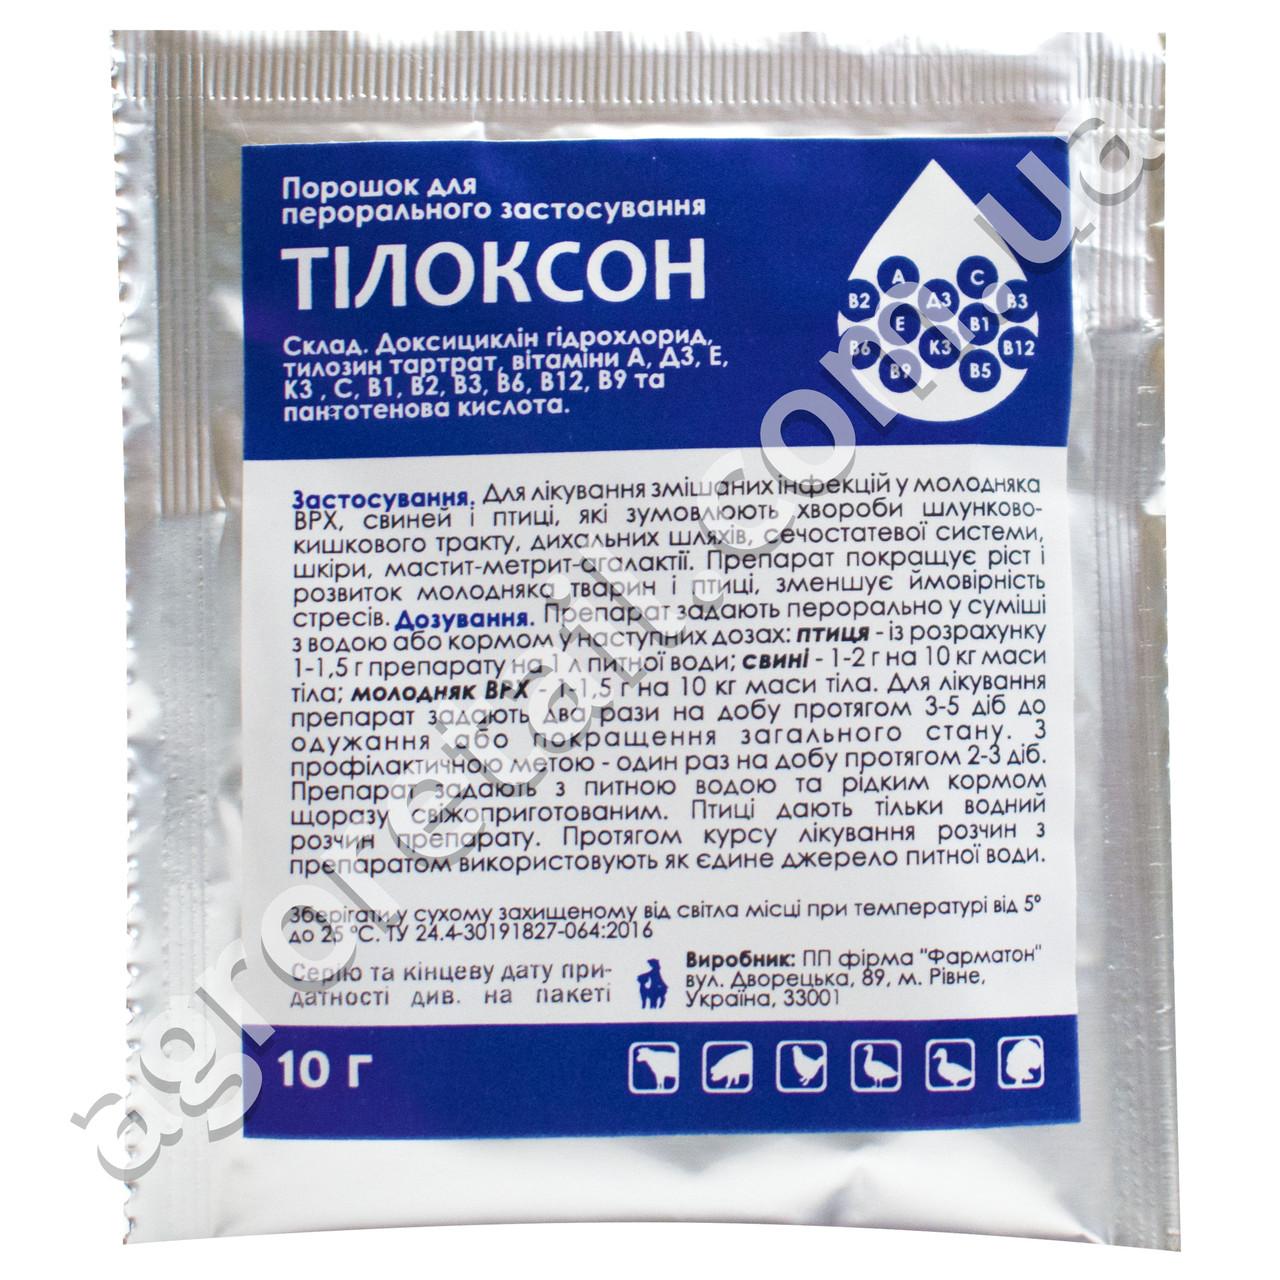 Тилоксон порошок 10 г